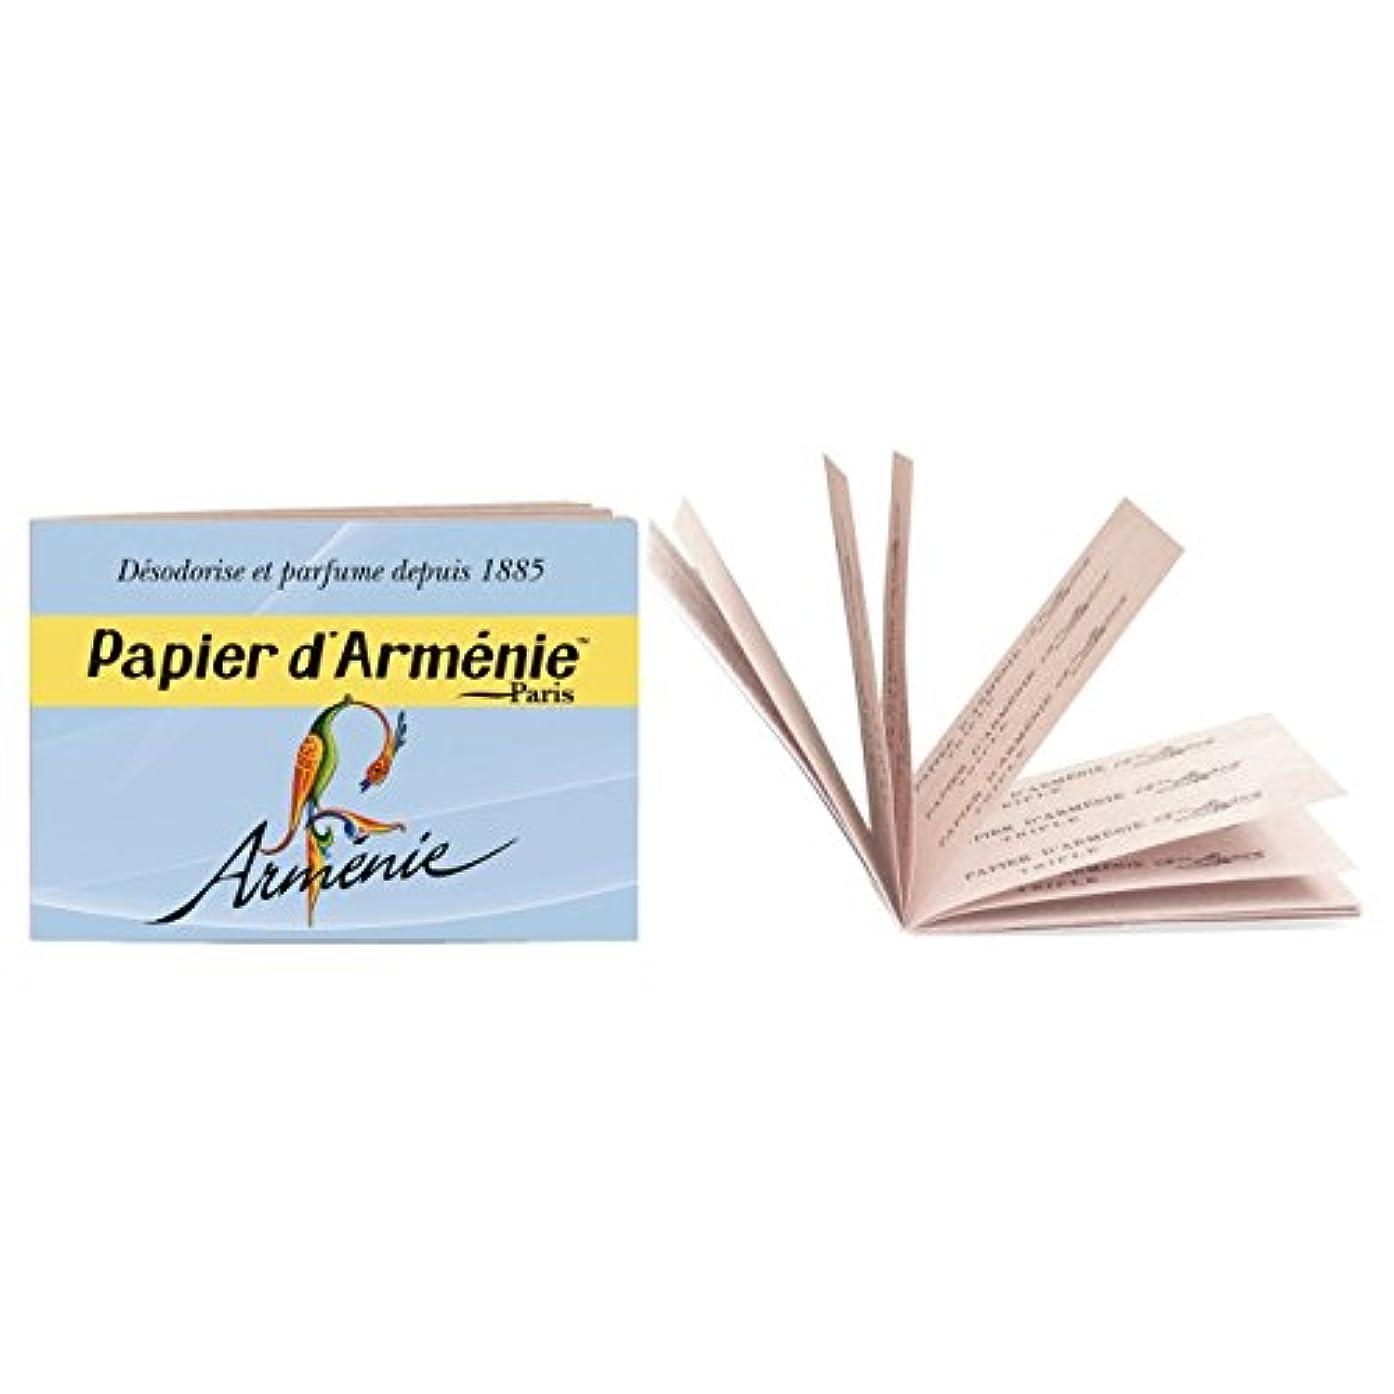 破壊的ずらす助手Papier d'Arménie パピエダルメニイ アルメニイ 紙のお香 フランス直送 [並行輸入品]